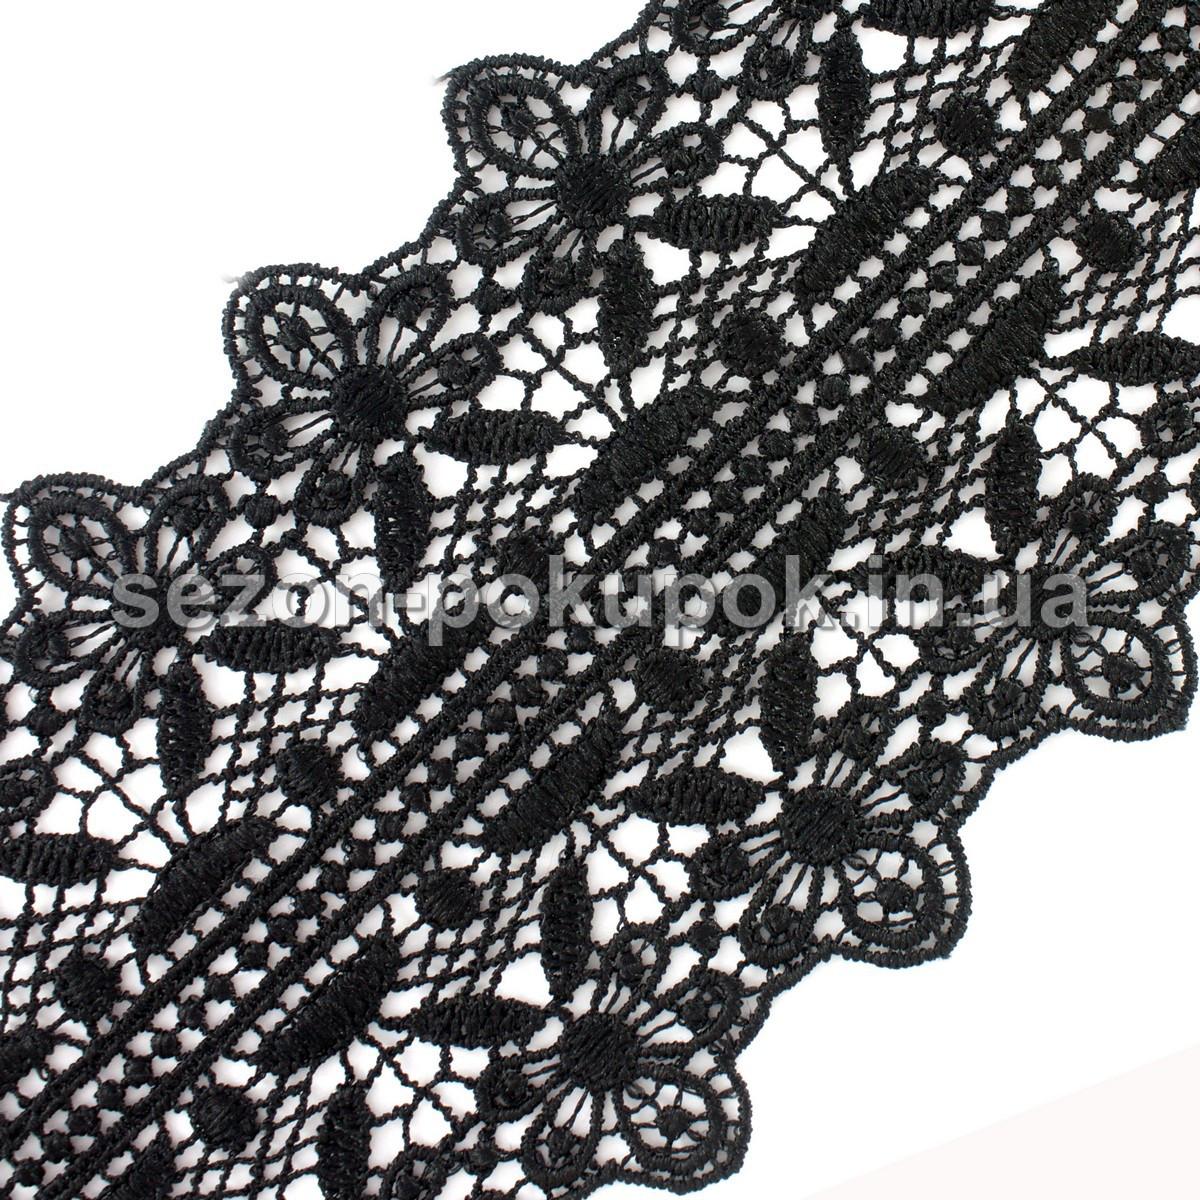 (10 ярдов) Кружево макраме с кордом (матовое), ширина 8,5см Цвет - ЧЕРНЫЙ